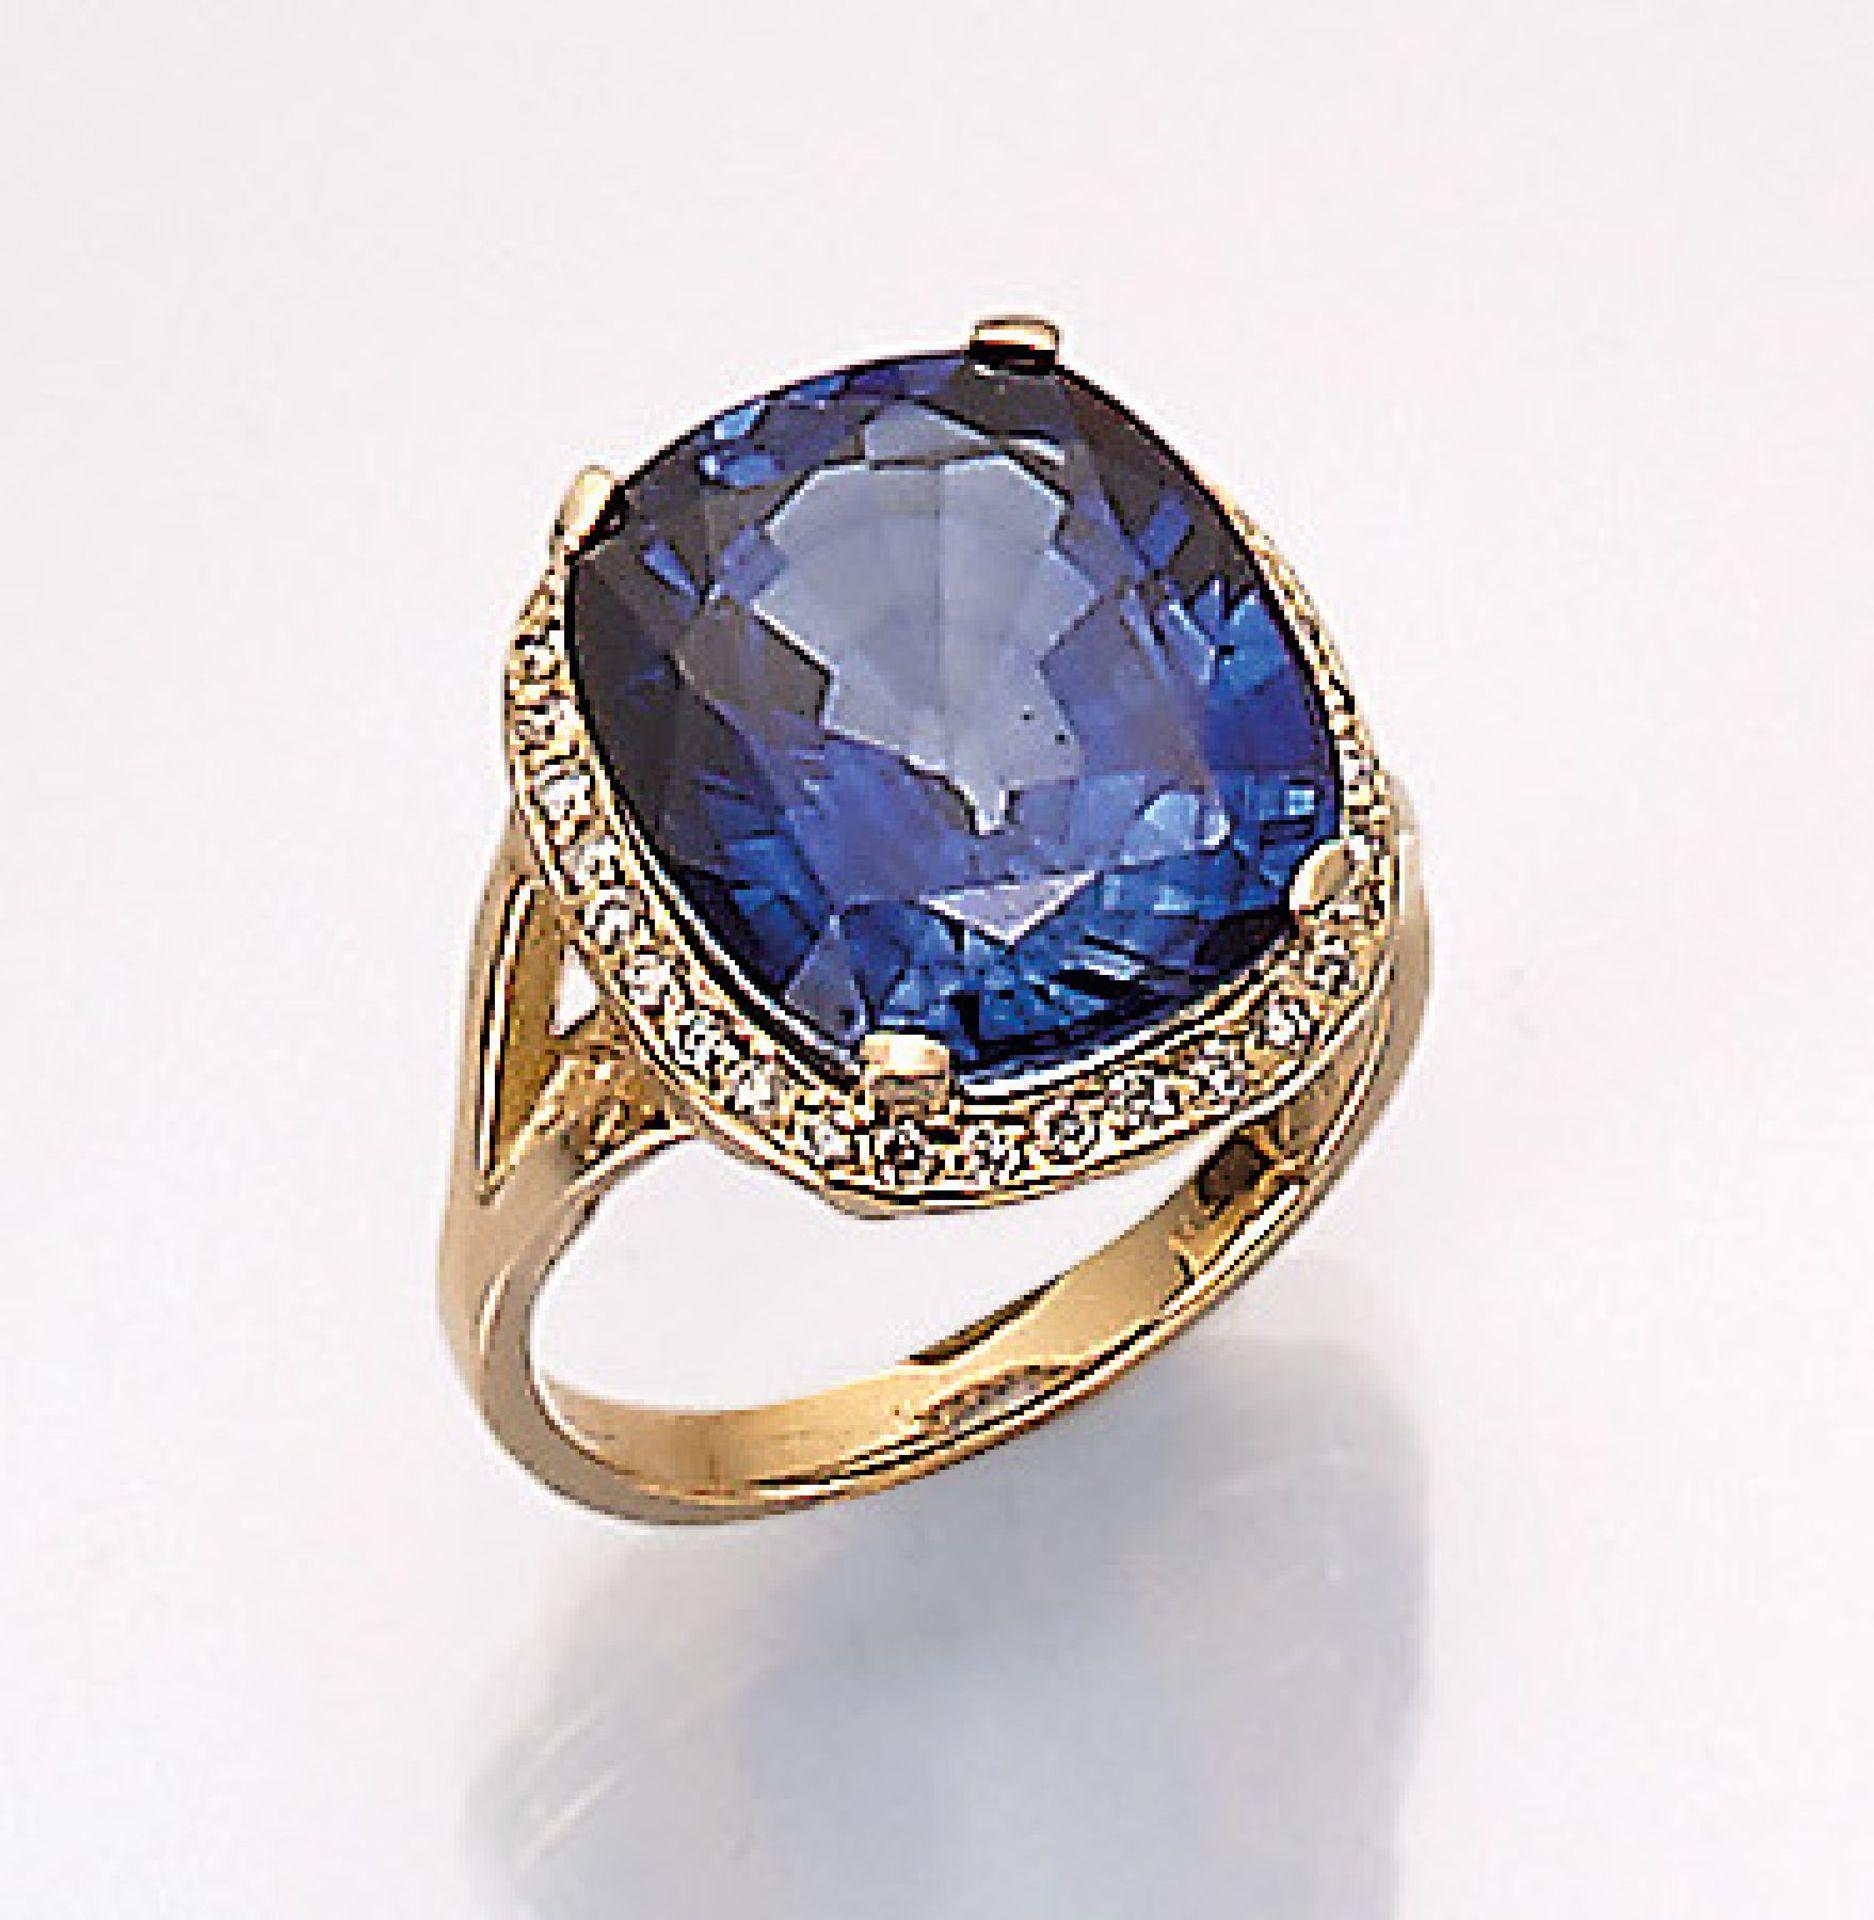 18 kt Gold Ring mit Saphir und Brillanten, GG 750/000, ovalfacett. Saphir (diffusionsbeh.) ca. 17.16